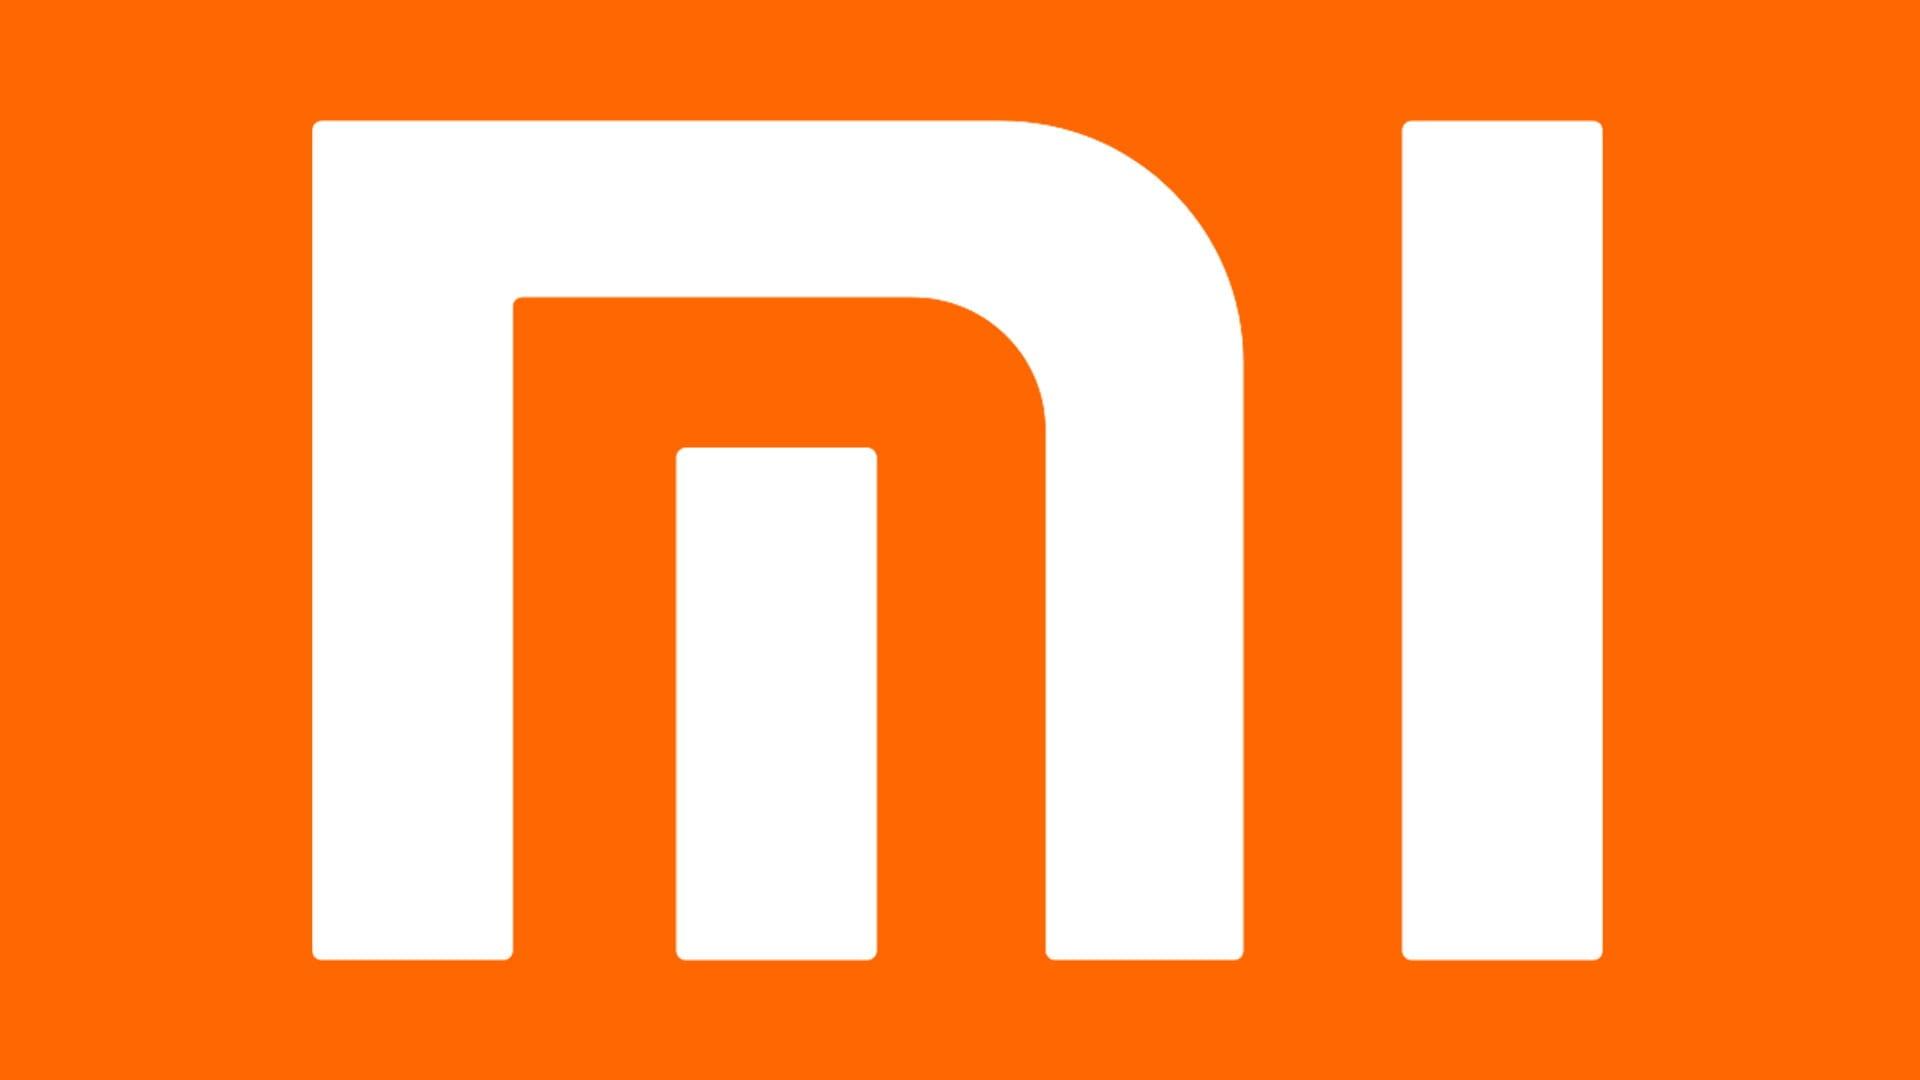 Опубликован предварительный список смартфонов Xiaomi которые получат прошивку MIUI 12